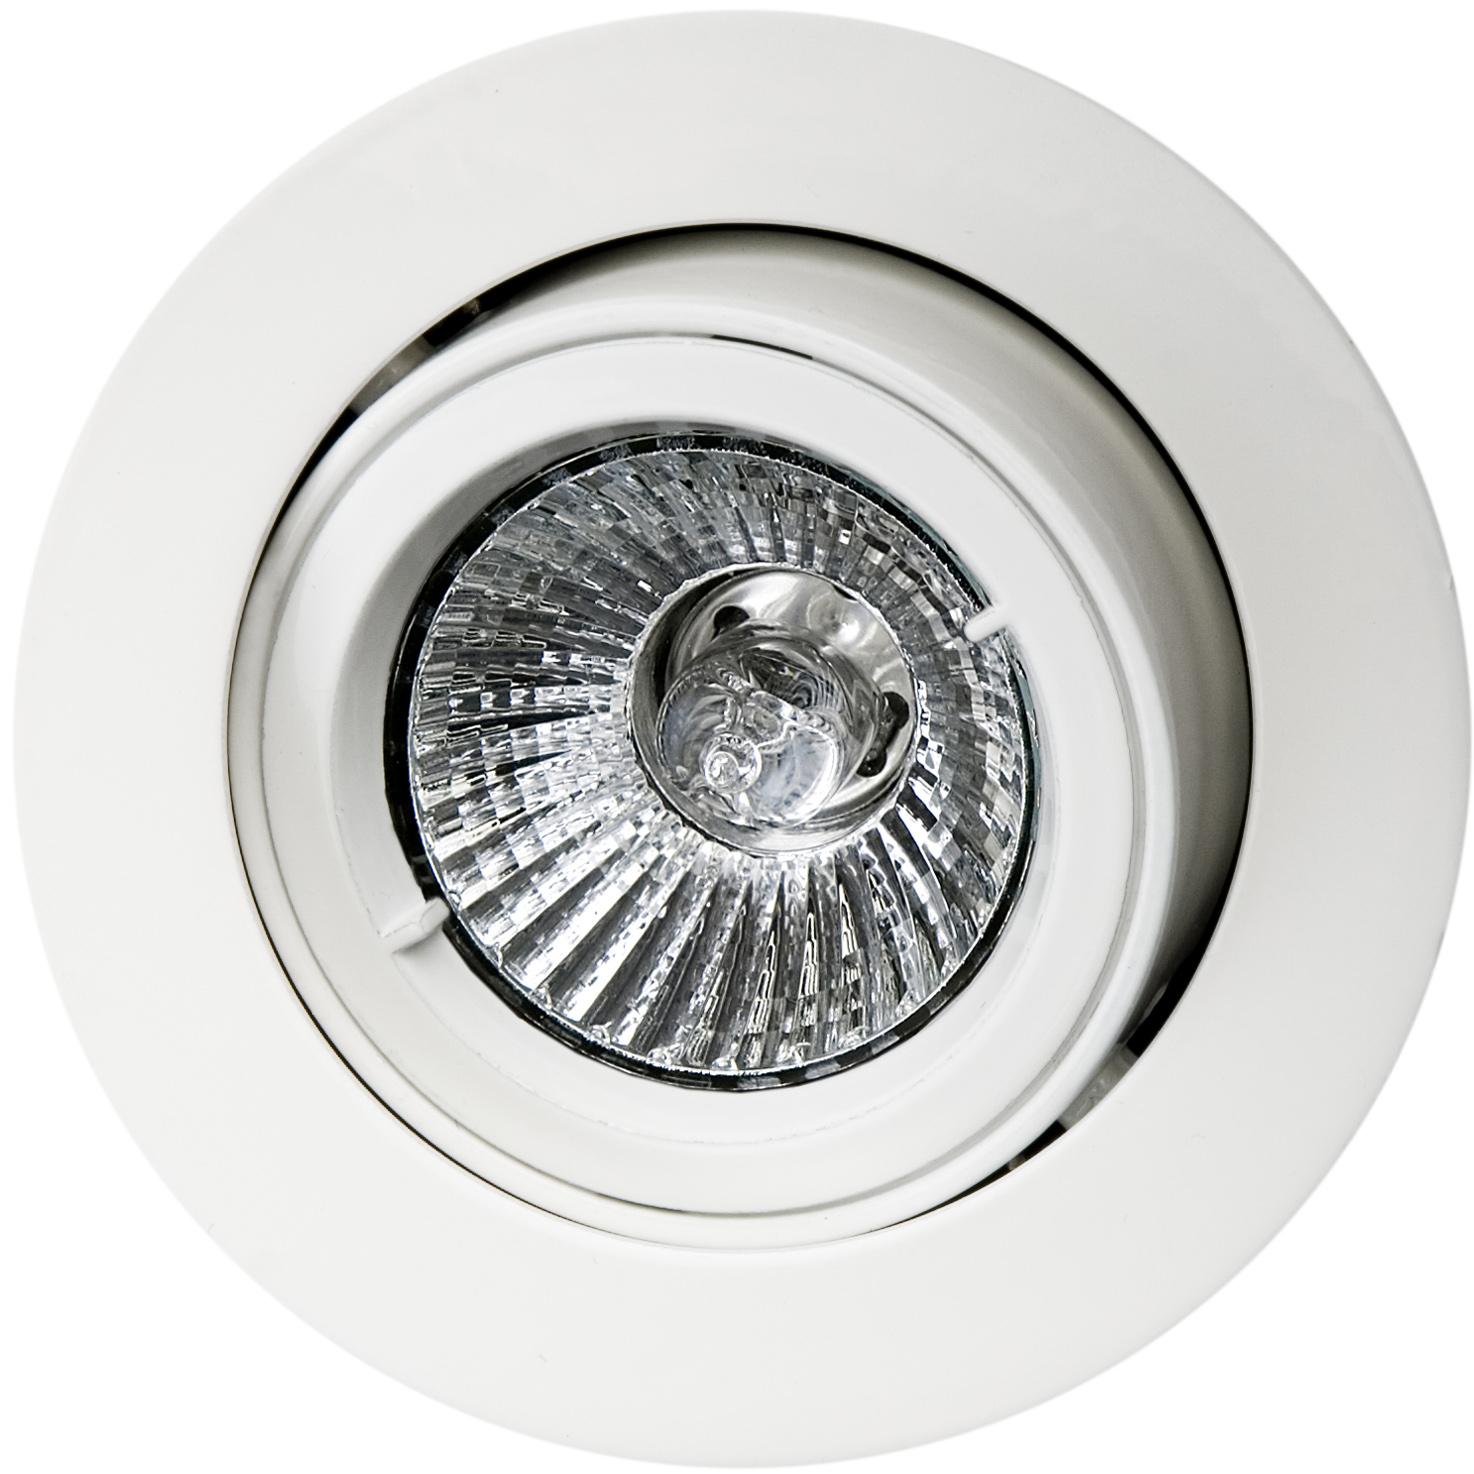 sg led inbouwspot jupiter wit 911920 geschikt voor led gu10. Black Bedroom Furniture Sets. Home Design Ideas